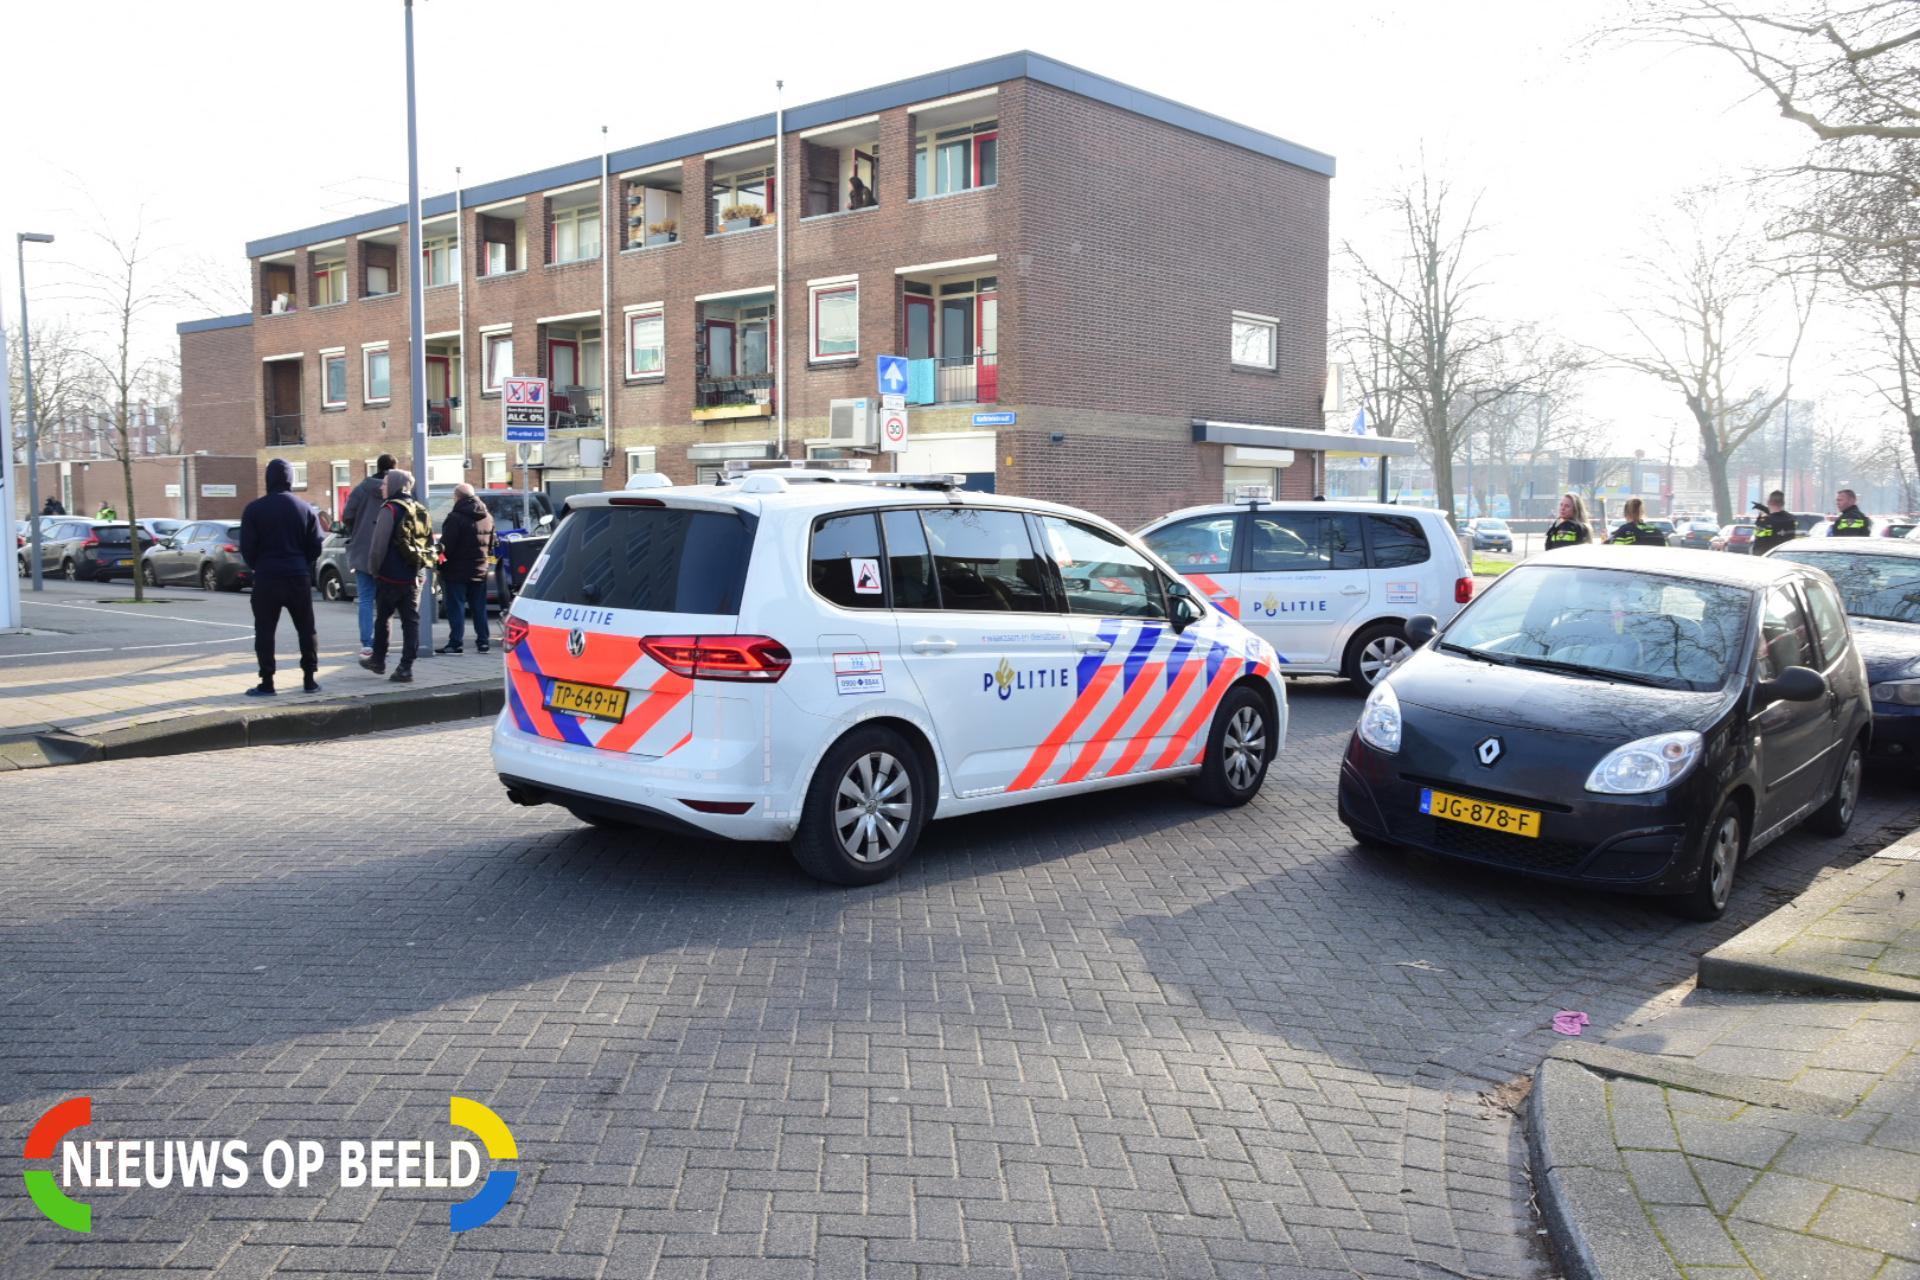 Politie sluit deel van winkelcentrum af na vuurwapenmelding Lengweg Hoogvliet